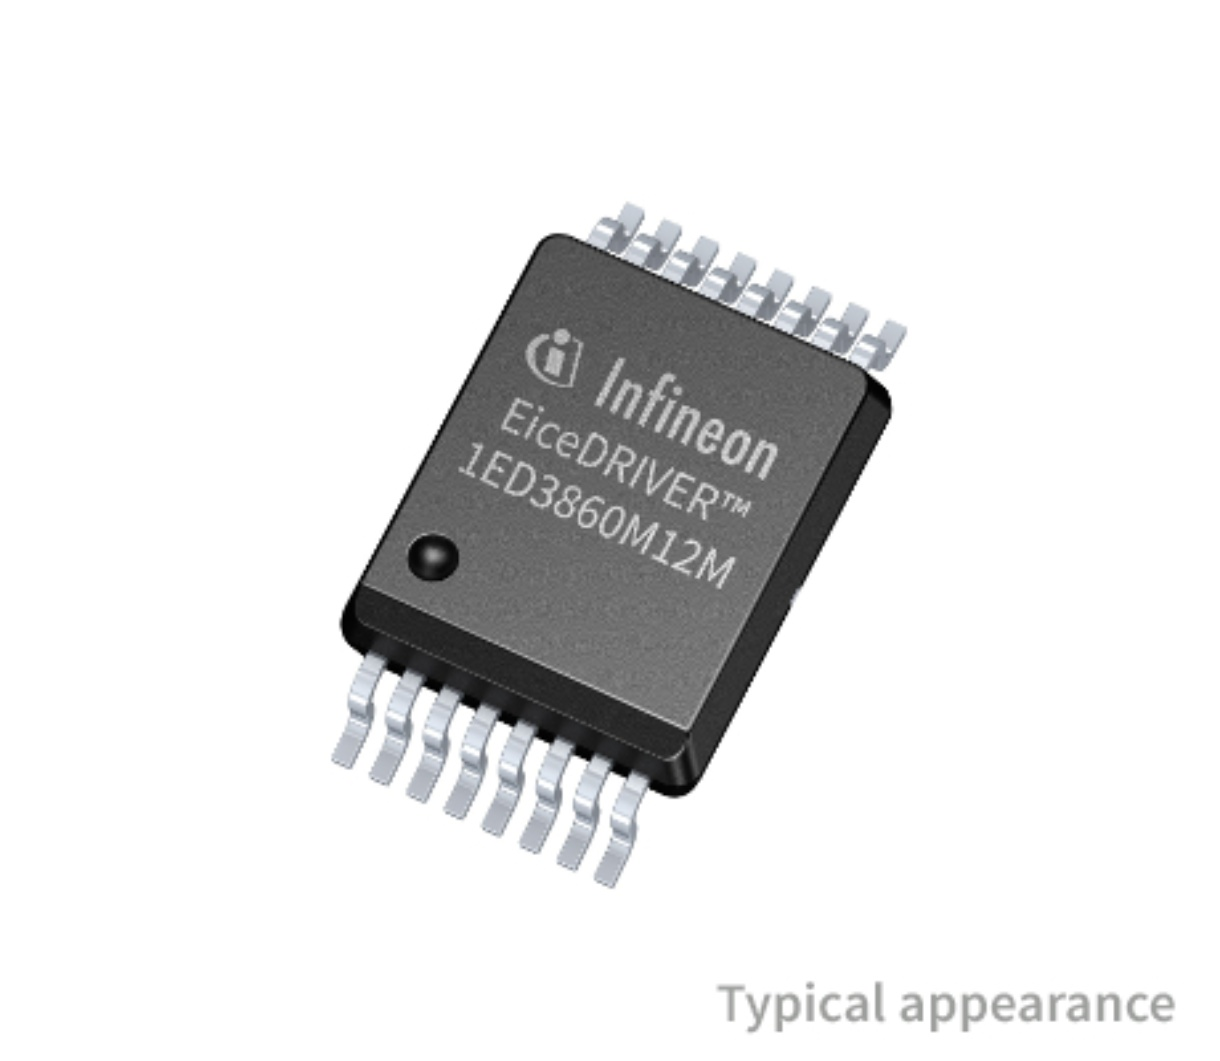 1ED3860MU12MXUMA1 Infineon